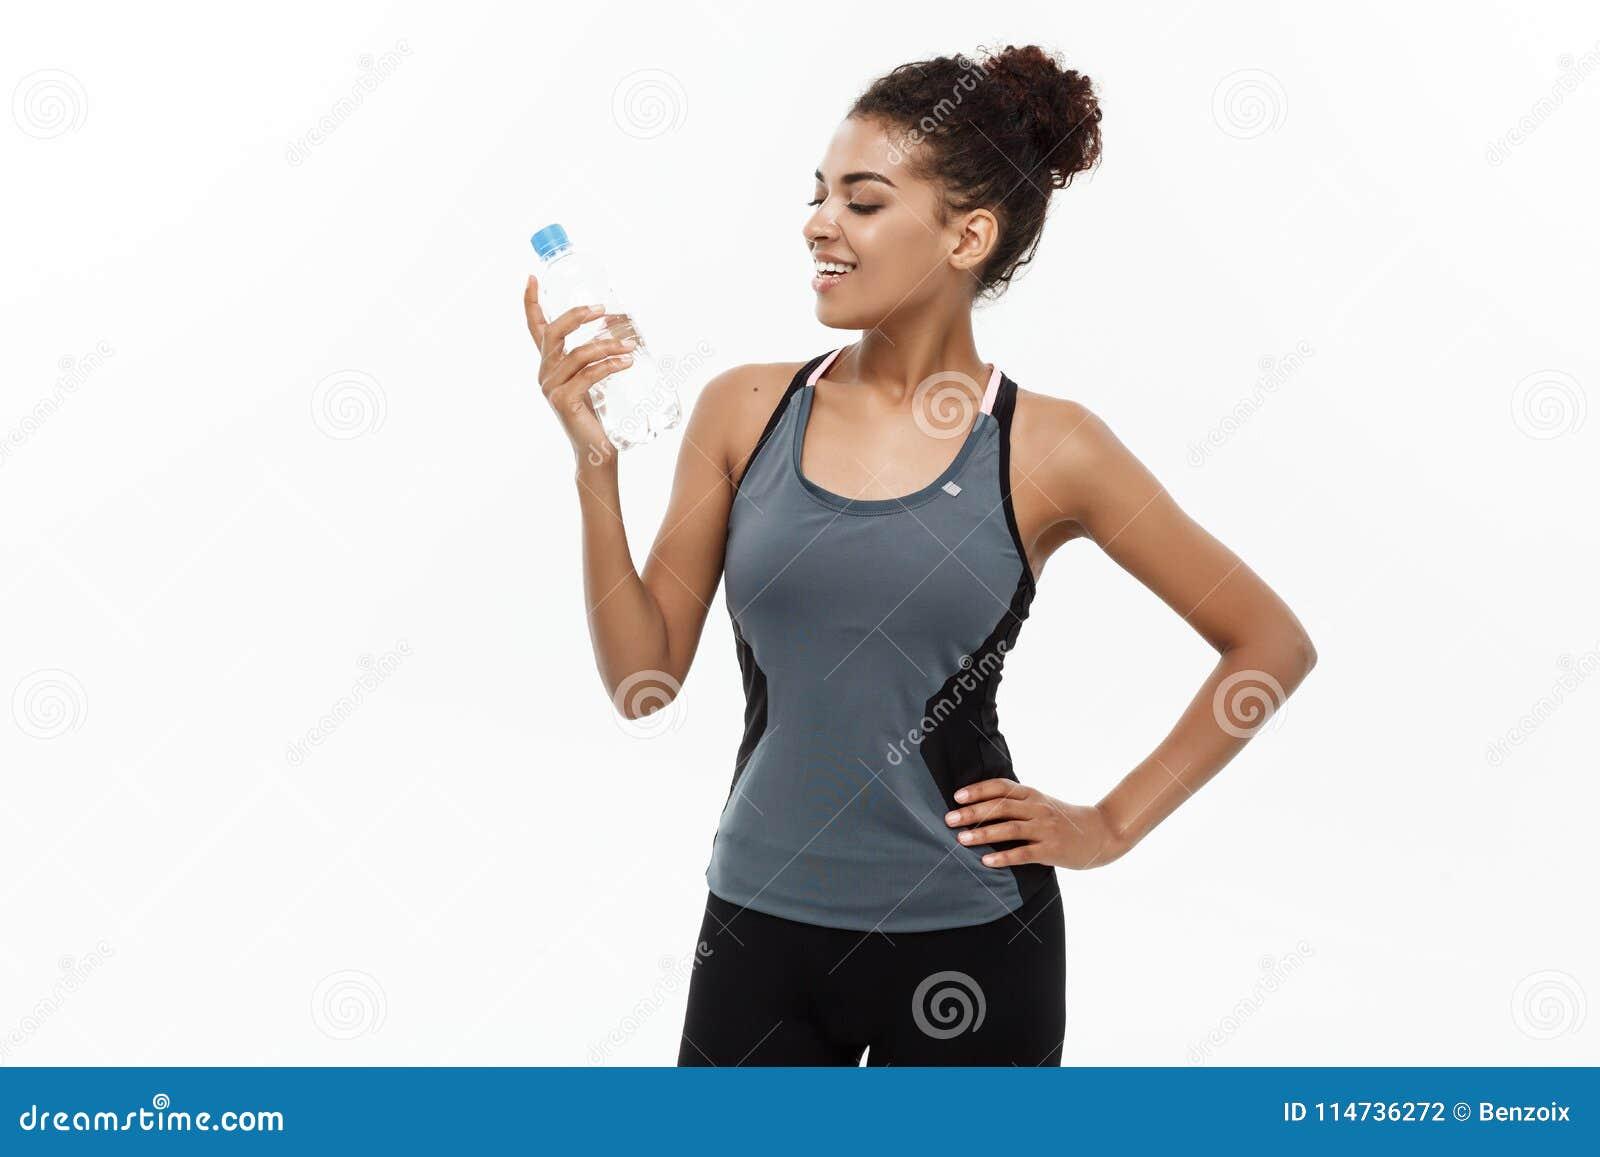 Концепция здоровых и фитнеса - красивая Афро-американская девушка в спорте одевает держать пластичную бутылку с водой позже